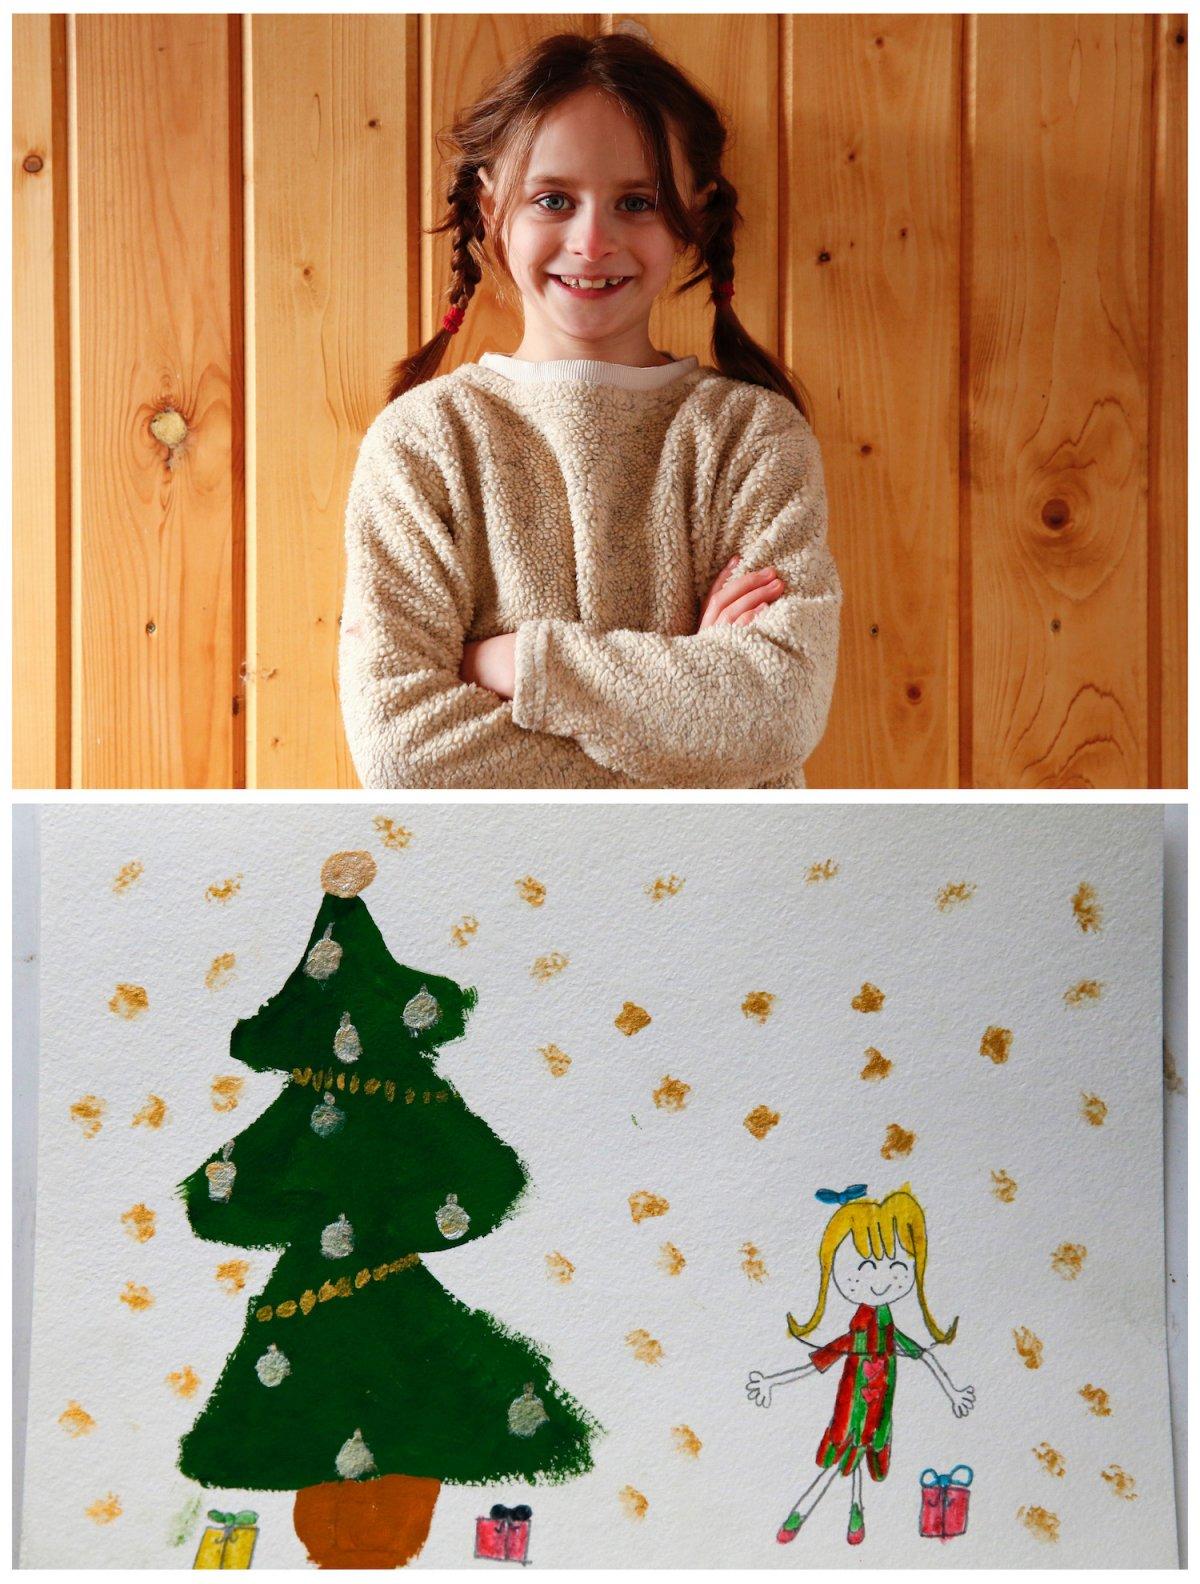 7. Семилетняя Анна из Подмосковья мечтает на новый год получить куклу Lalaloopsy.